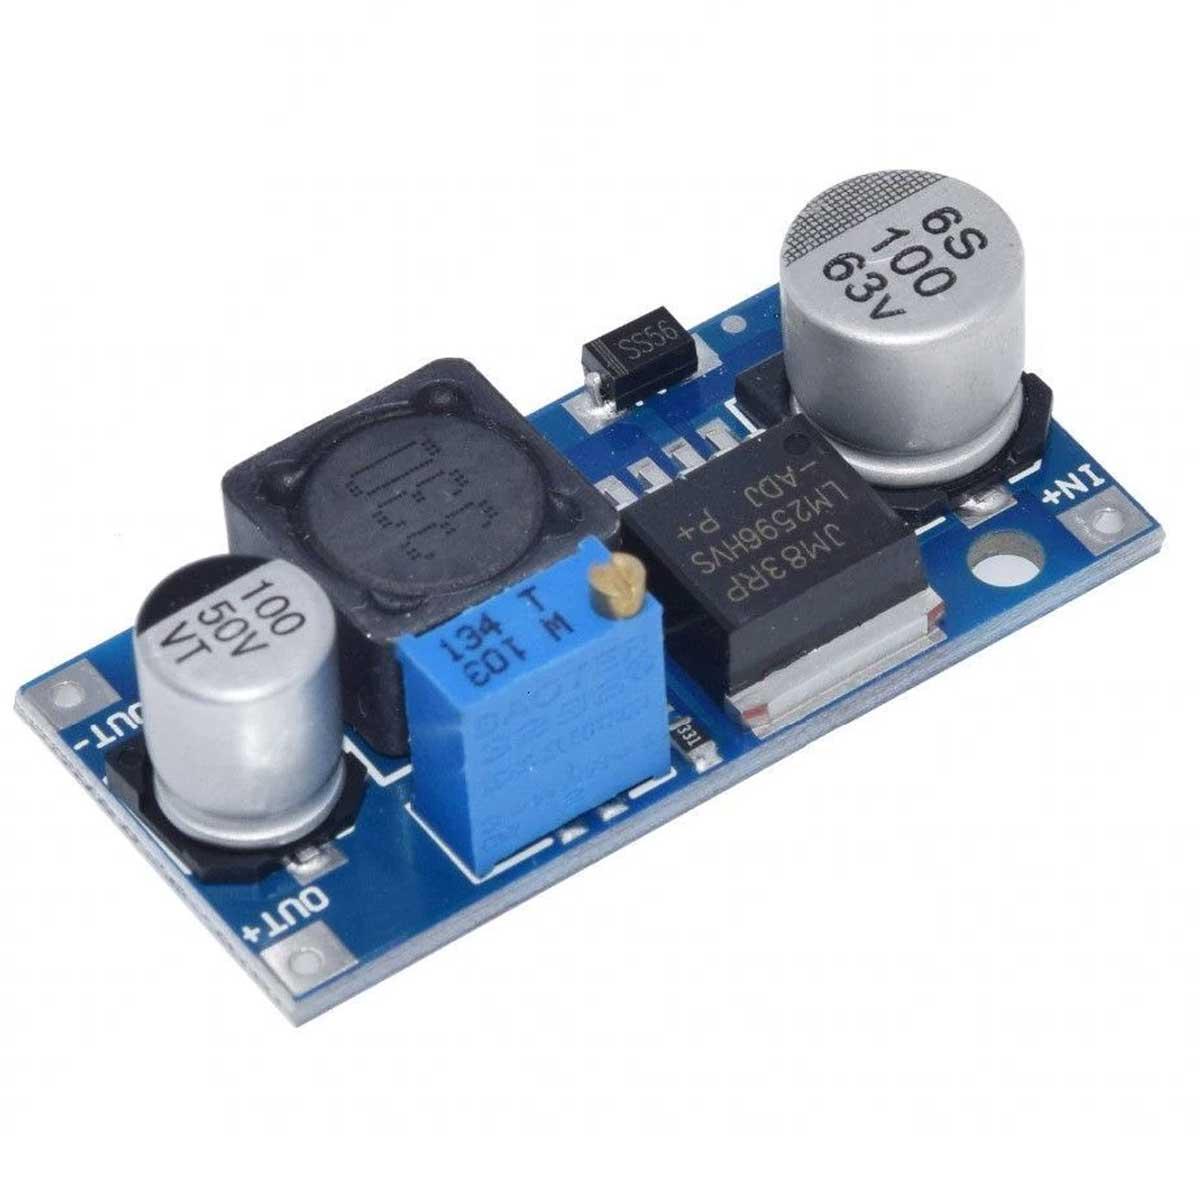 2x Regulador de Tensão Step Down Entrada 4,5v a 53v - Buck Conversor DC DC LM2596HVS 3A